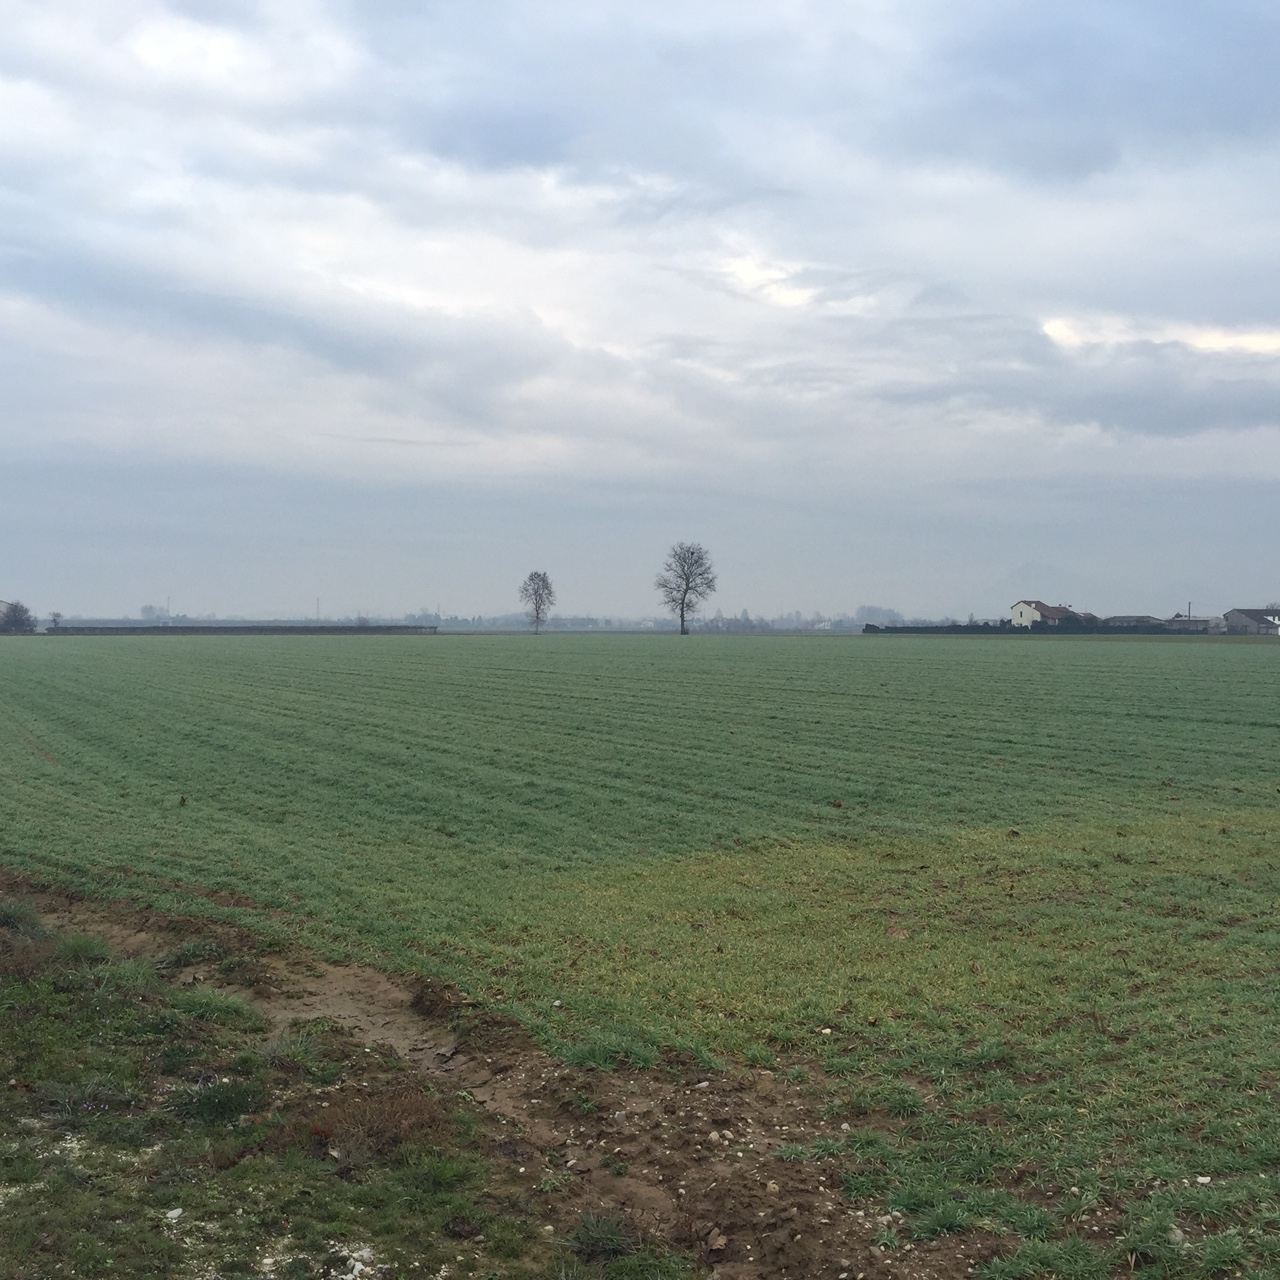 Terreno Agricolo in vendita a Lonigo, 1 locali, prezzo € 175.000 | Cambio Casa.it